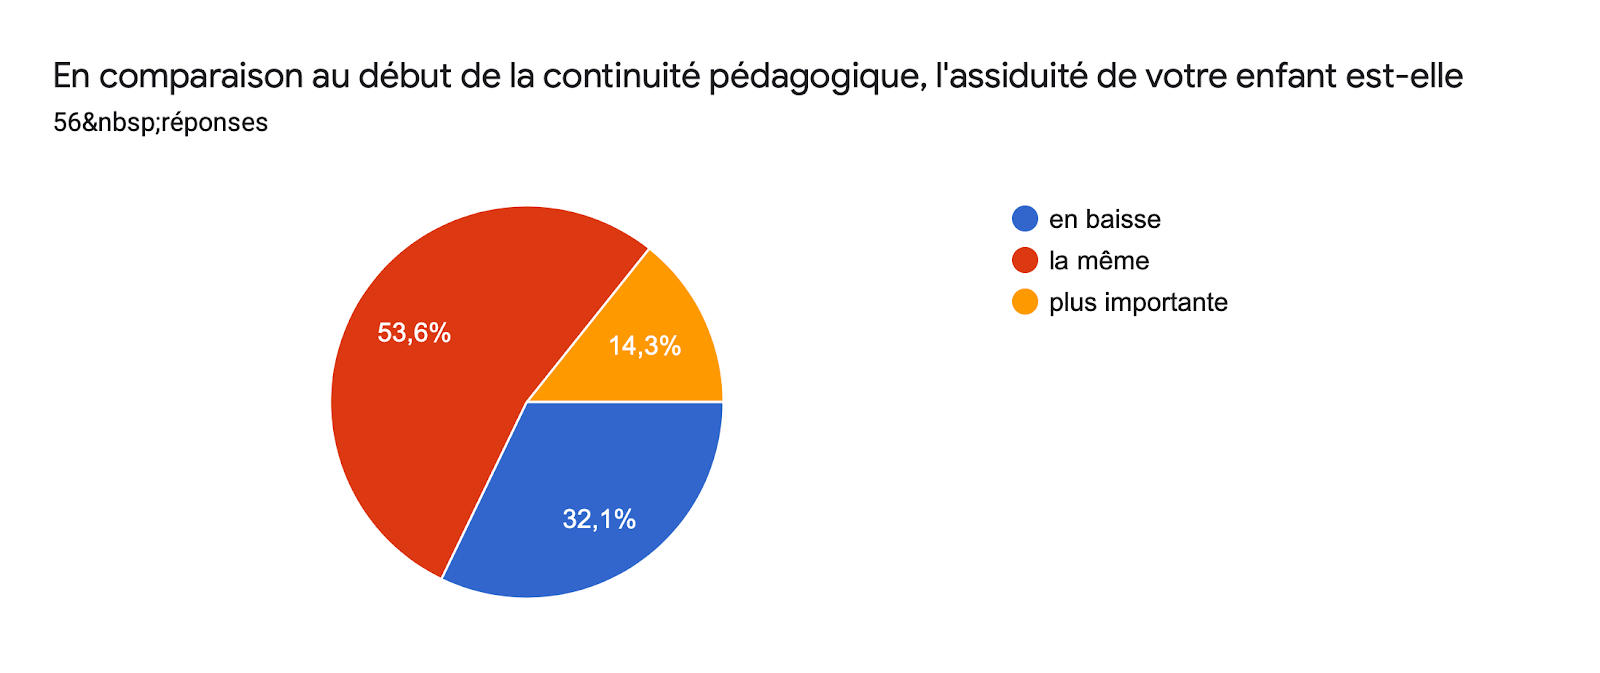 Tableau des réponses au formulaire Forms. Titre de la question: En comparaison au début de la continuité pédagogique, l'assiduité de votre enfant est-elle. Nombre de réponses: 56réponses.